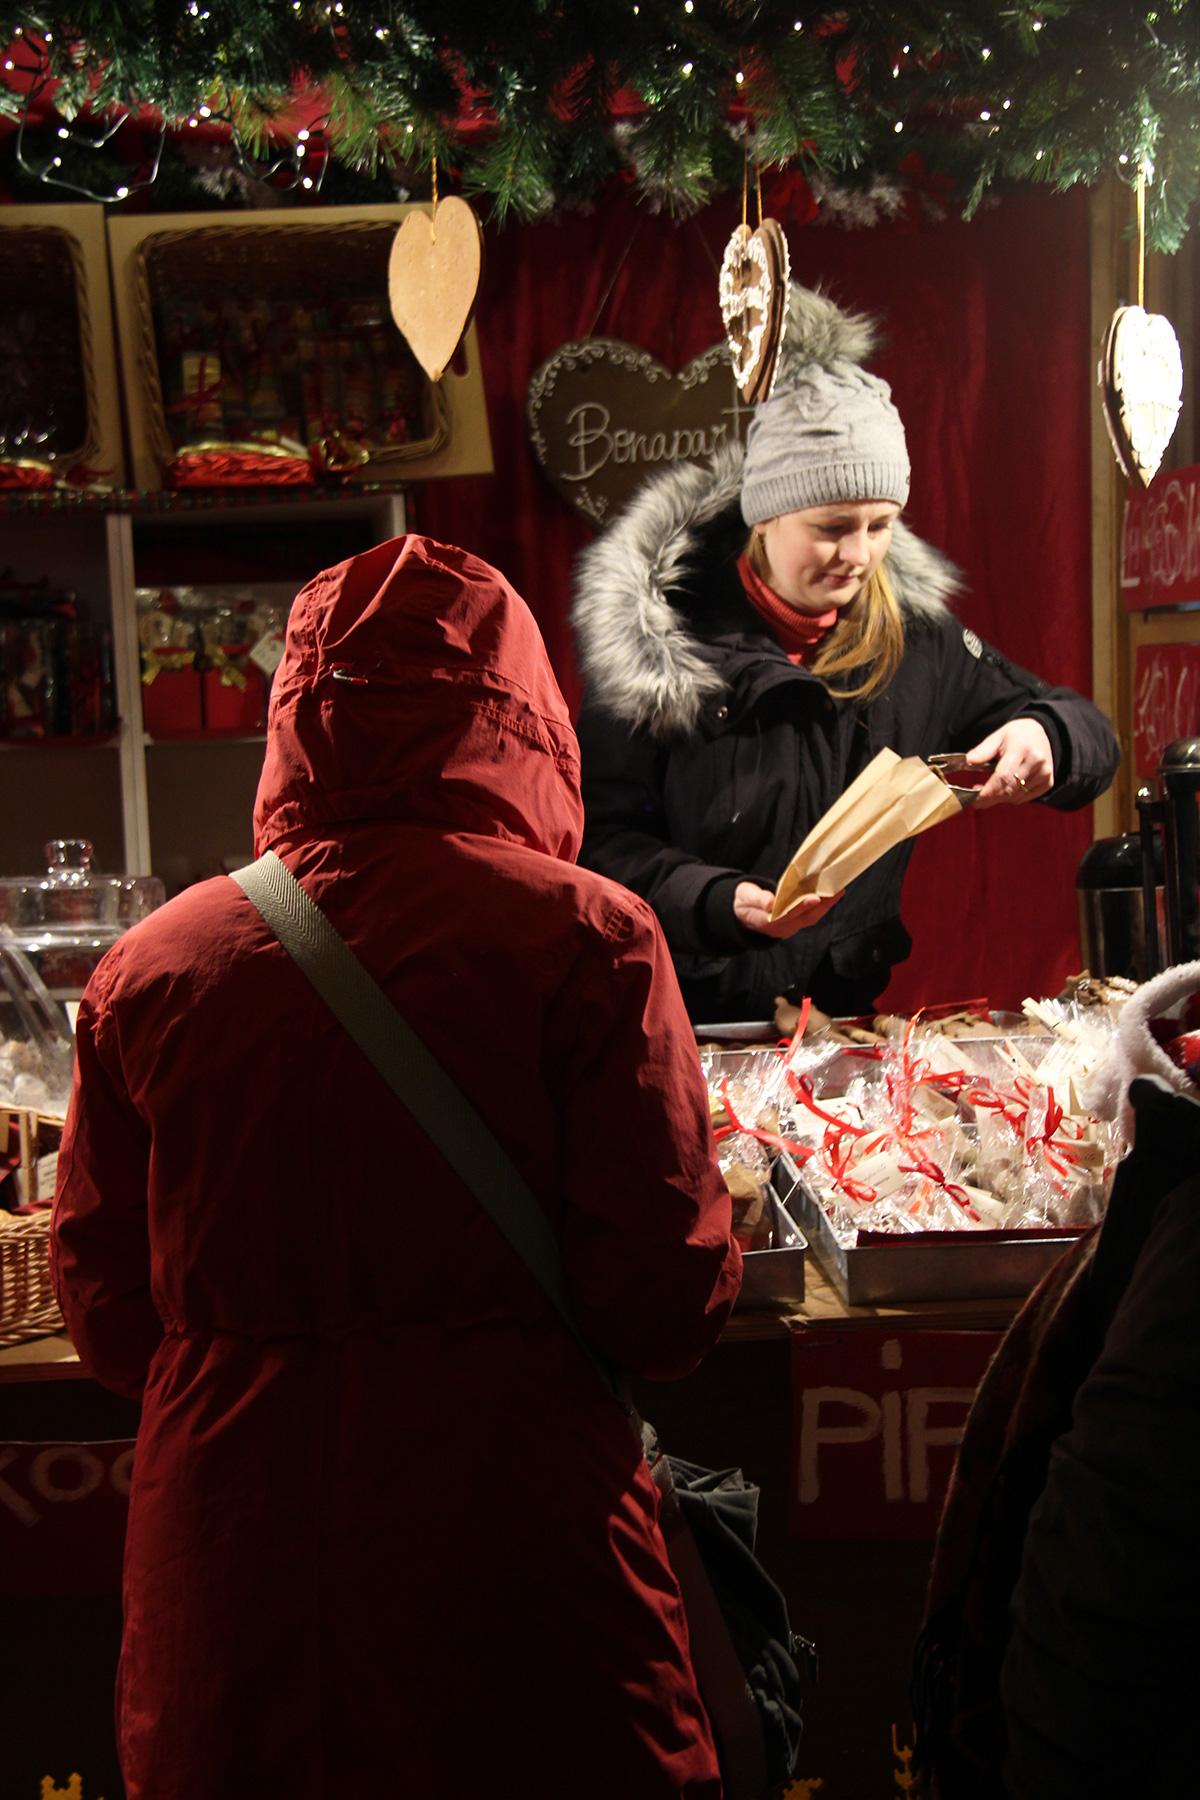 Tallinna_joulumarkkinat_koju